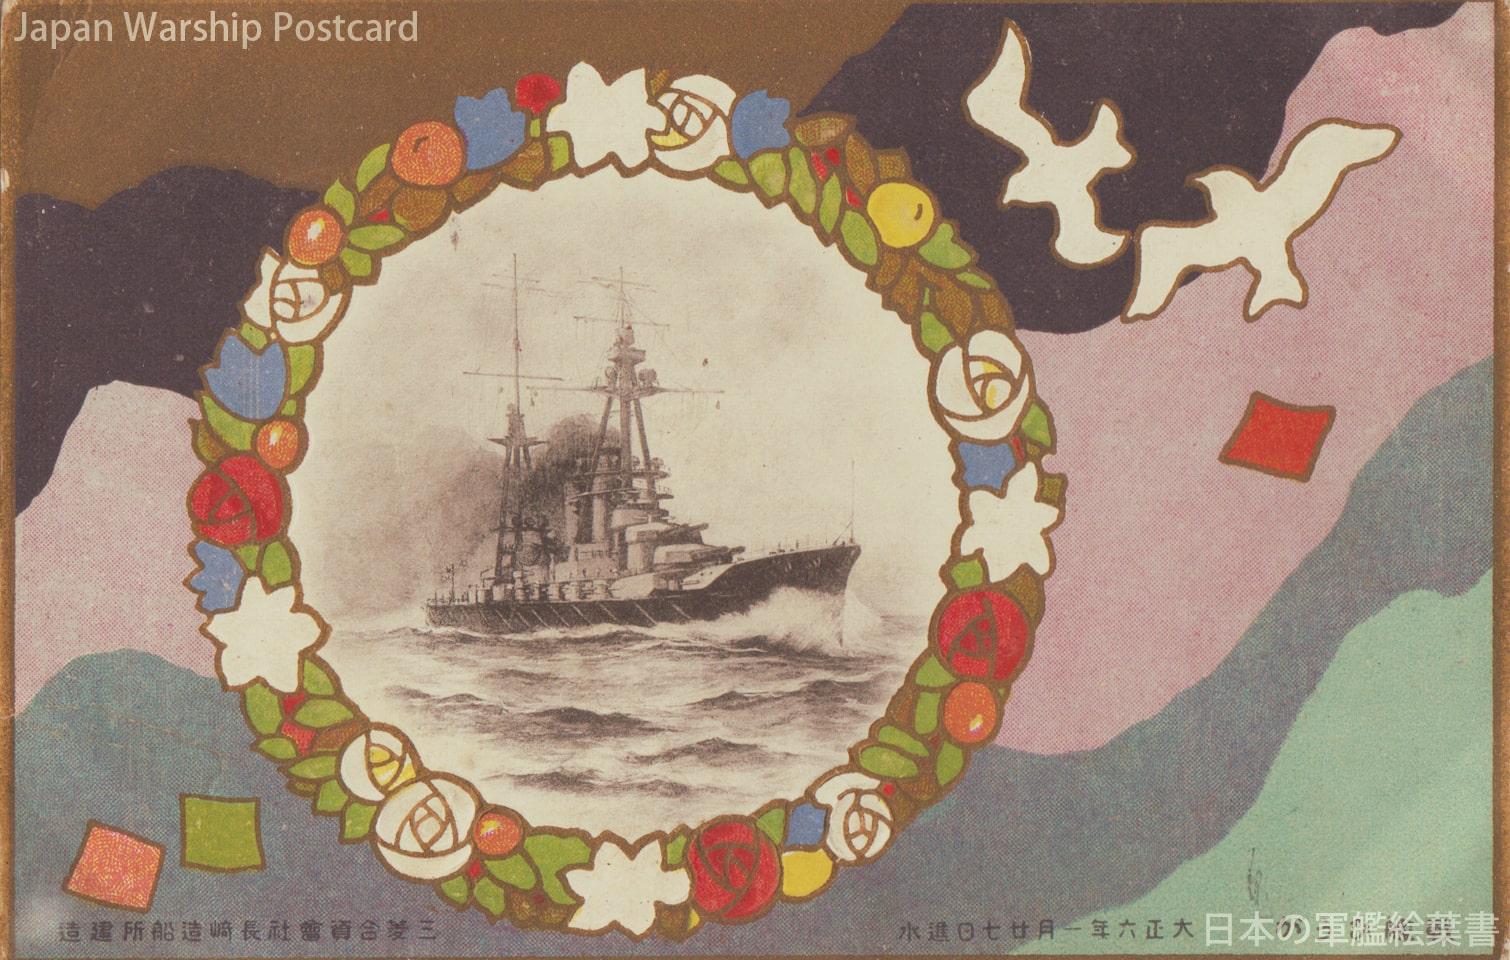 伊勢型戦艦「日向」